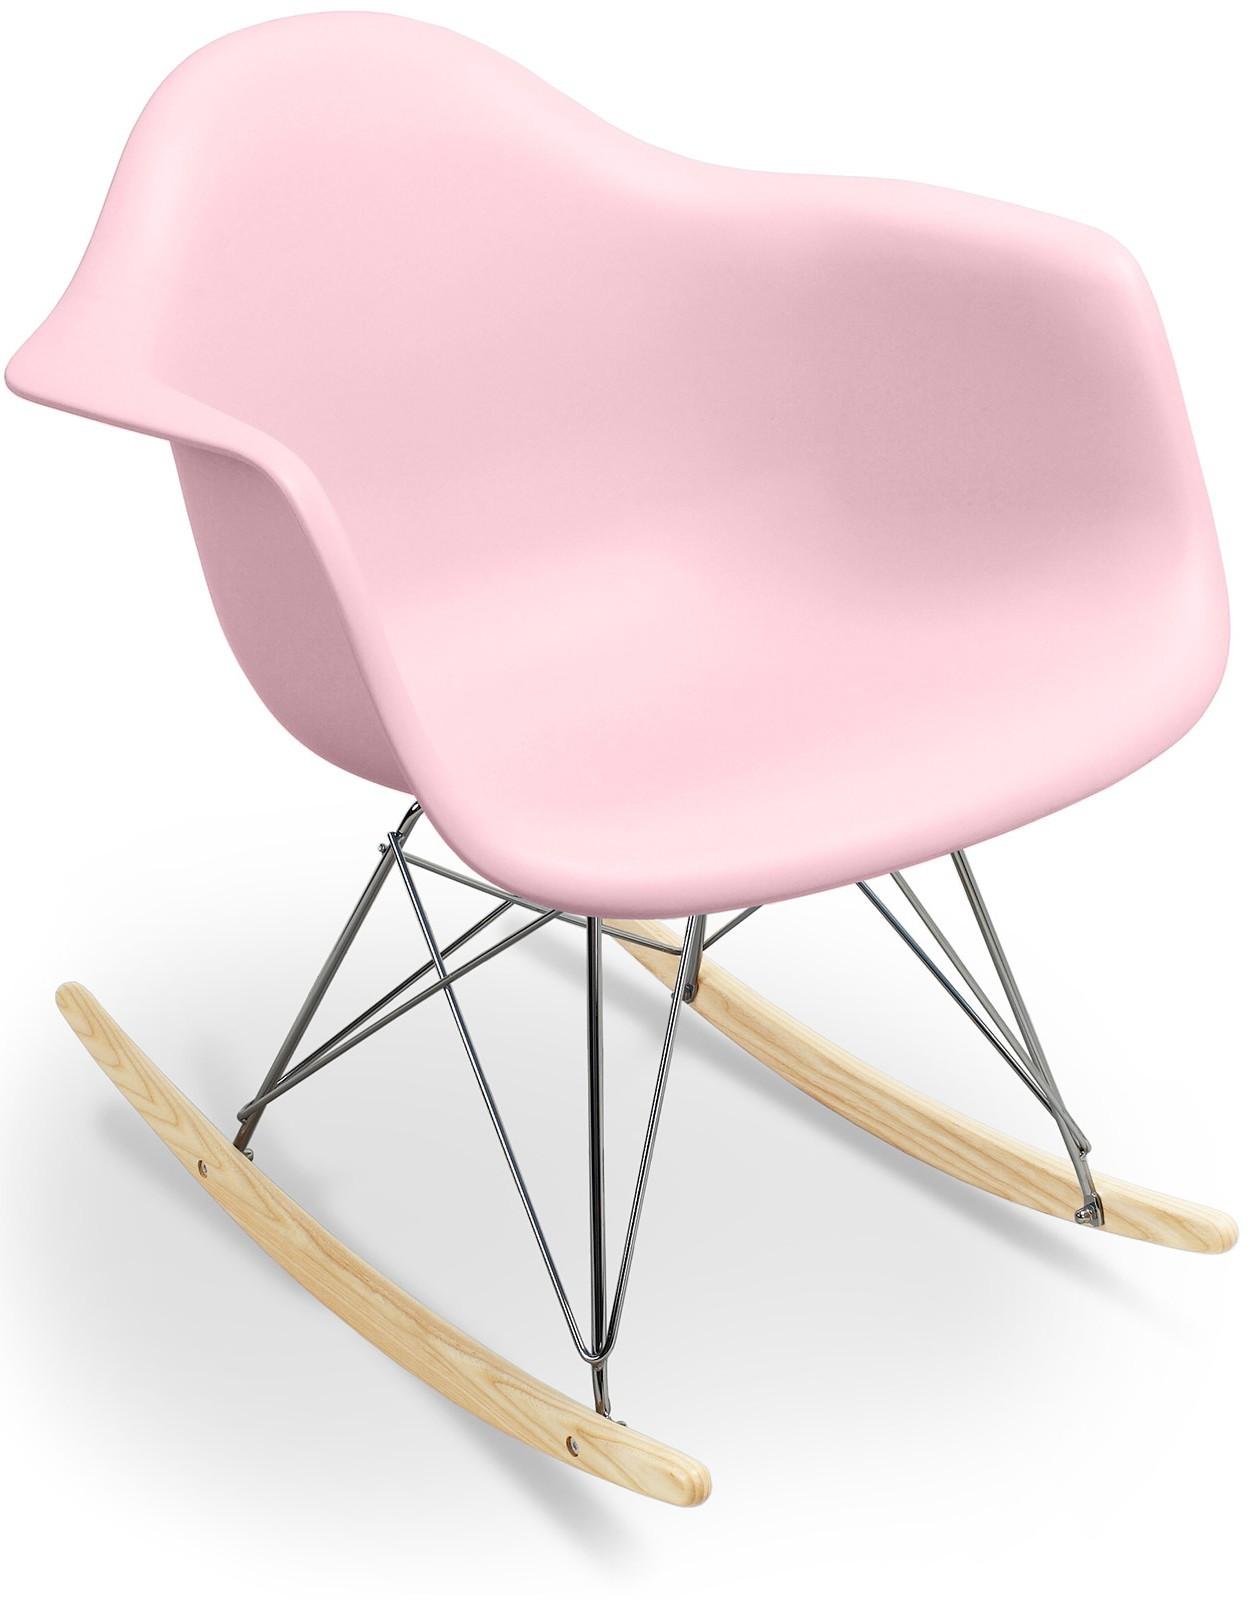 chaise bascule bak lite rose pastel mat wendy lot de 4. Black Bedroom Furniture Sets. Home Design Ideas